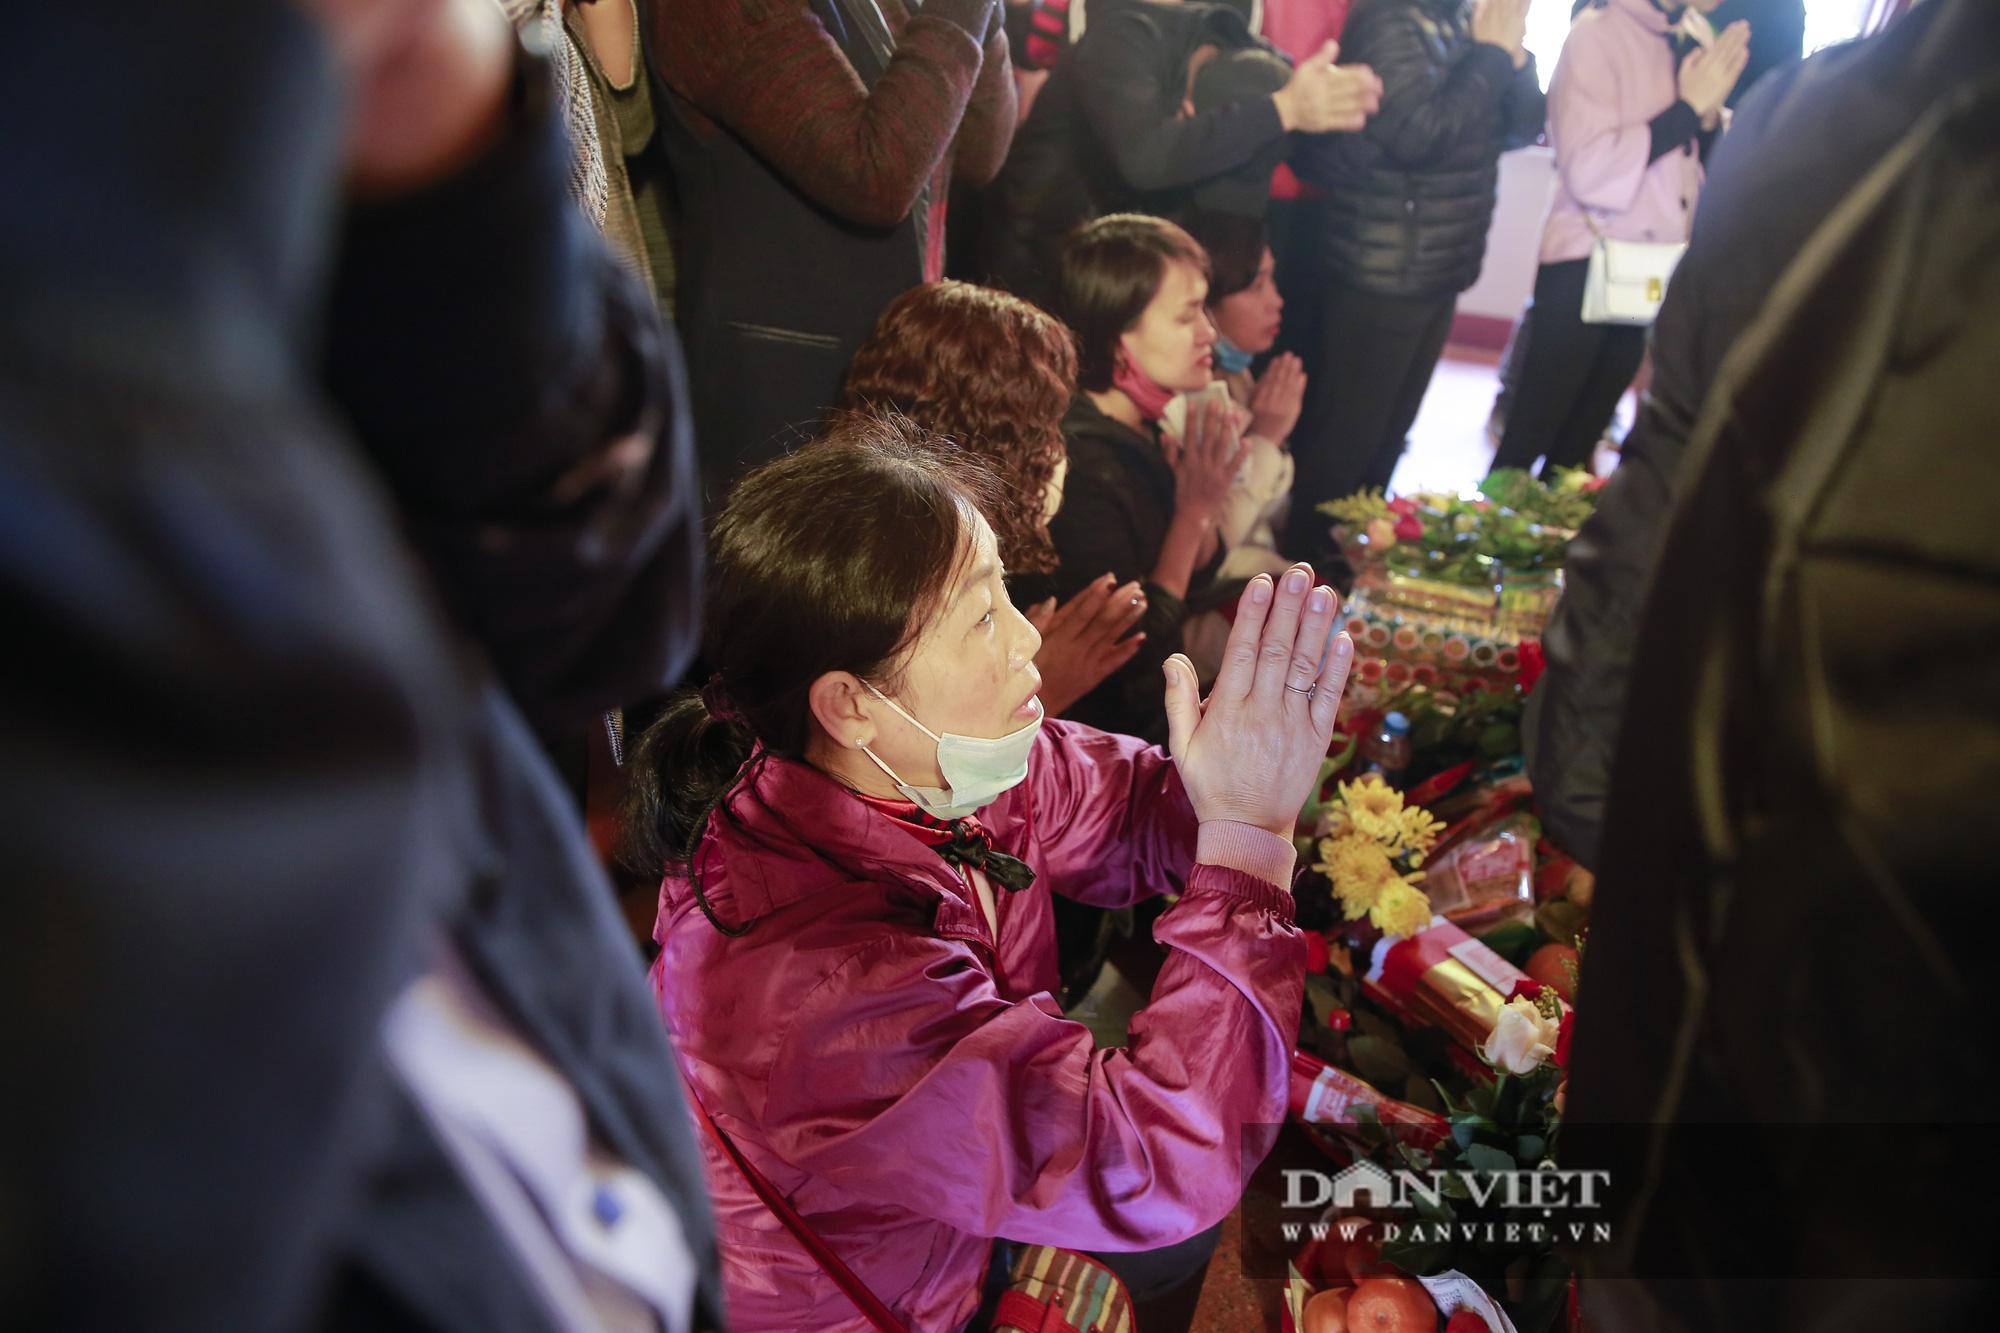 Người dân ùn ùn đến Phủ Tây Hồ tạ lễ ngày Rằm tháng Chạp - Ảnh 6.